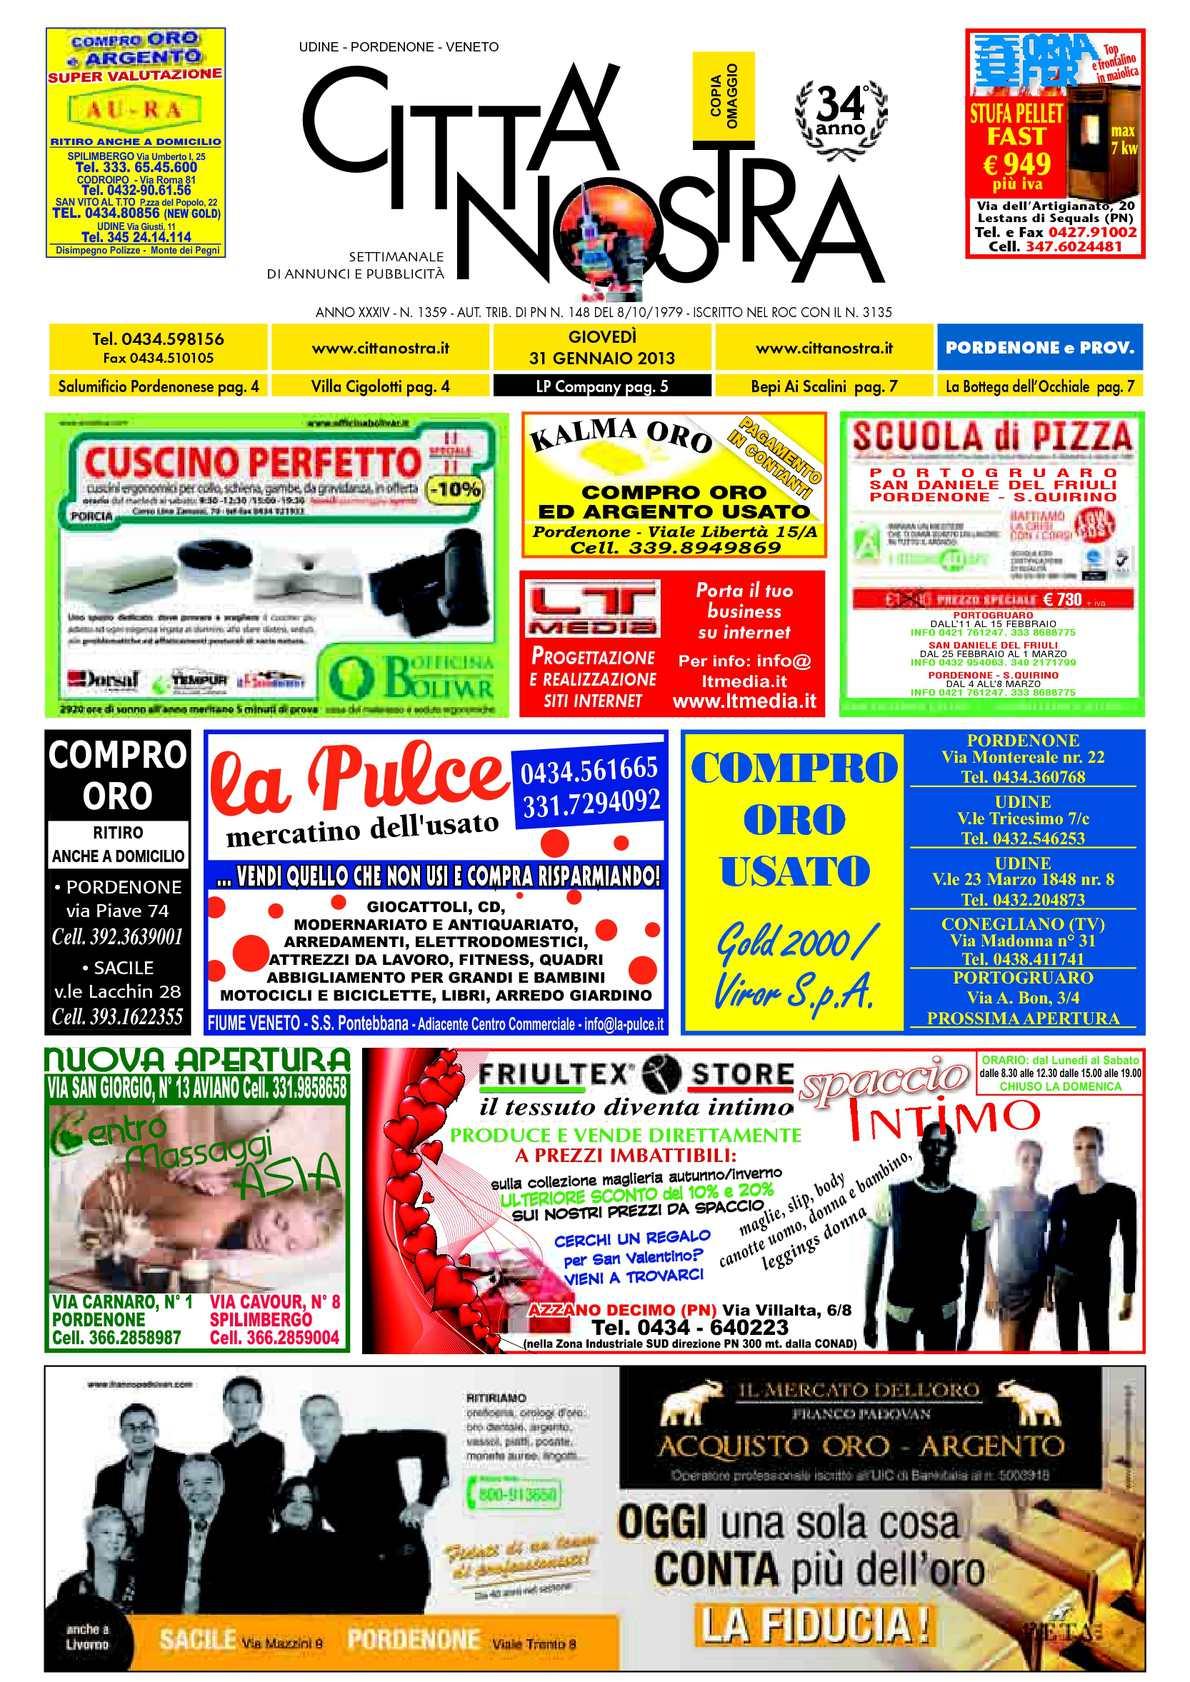 Calaméo Citt Nostra Pordenone Del 31 01 2013 N 1359